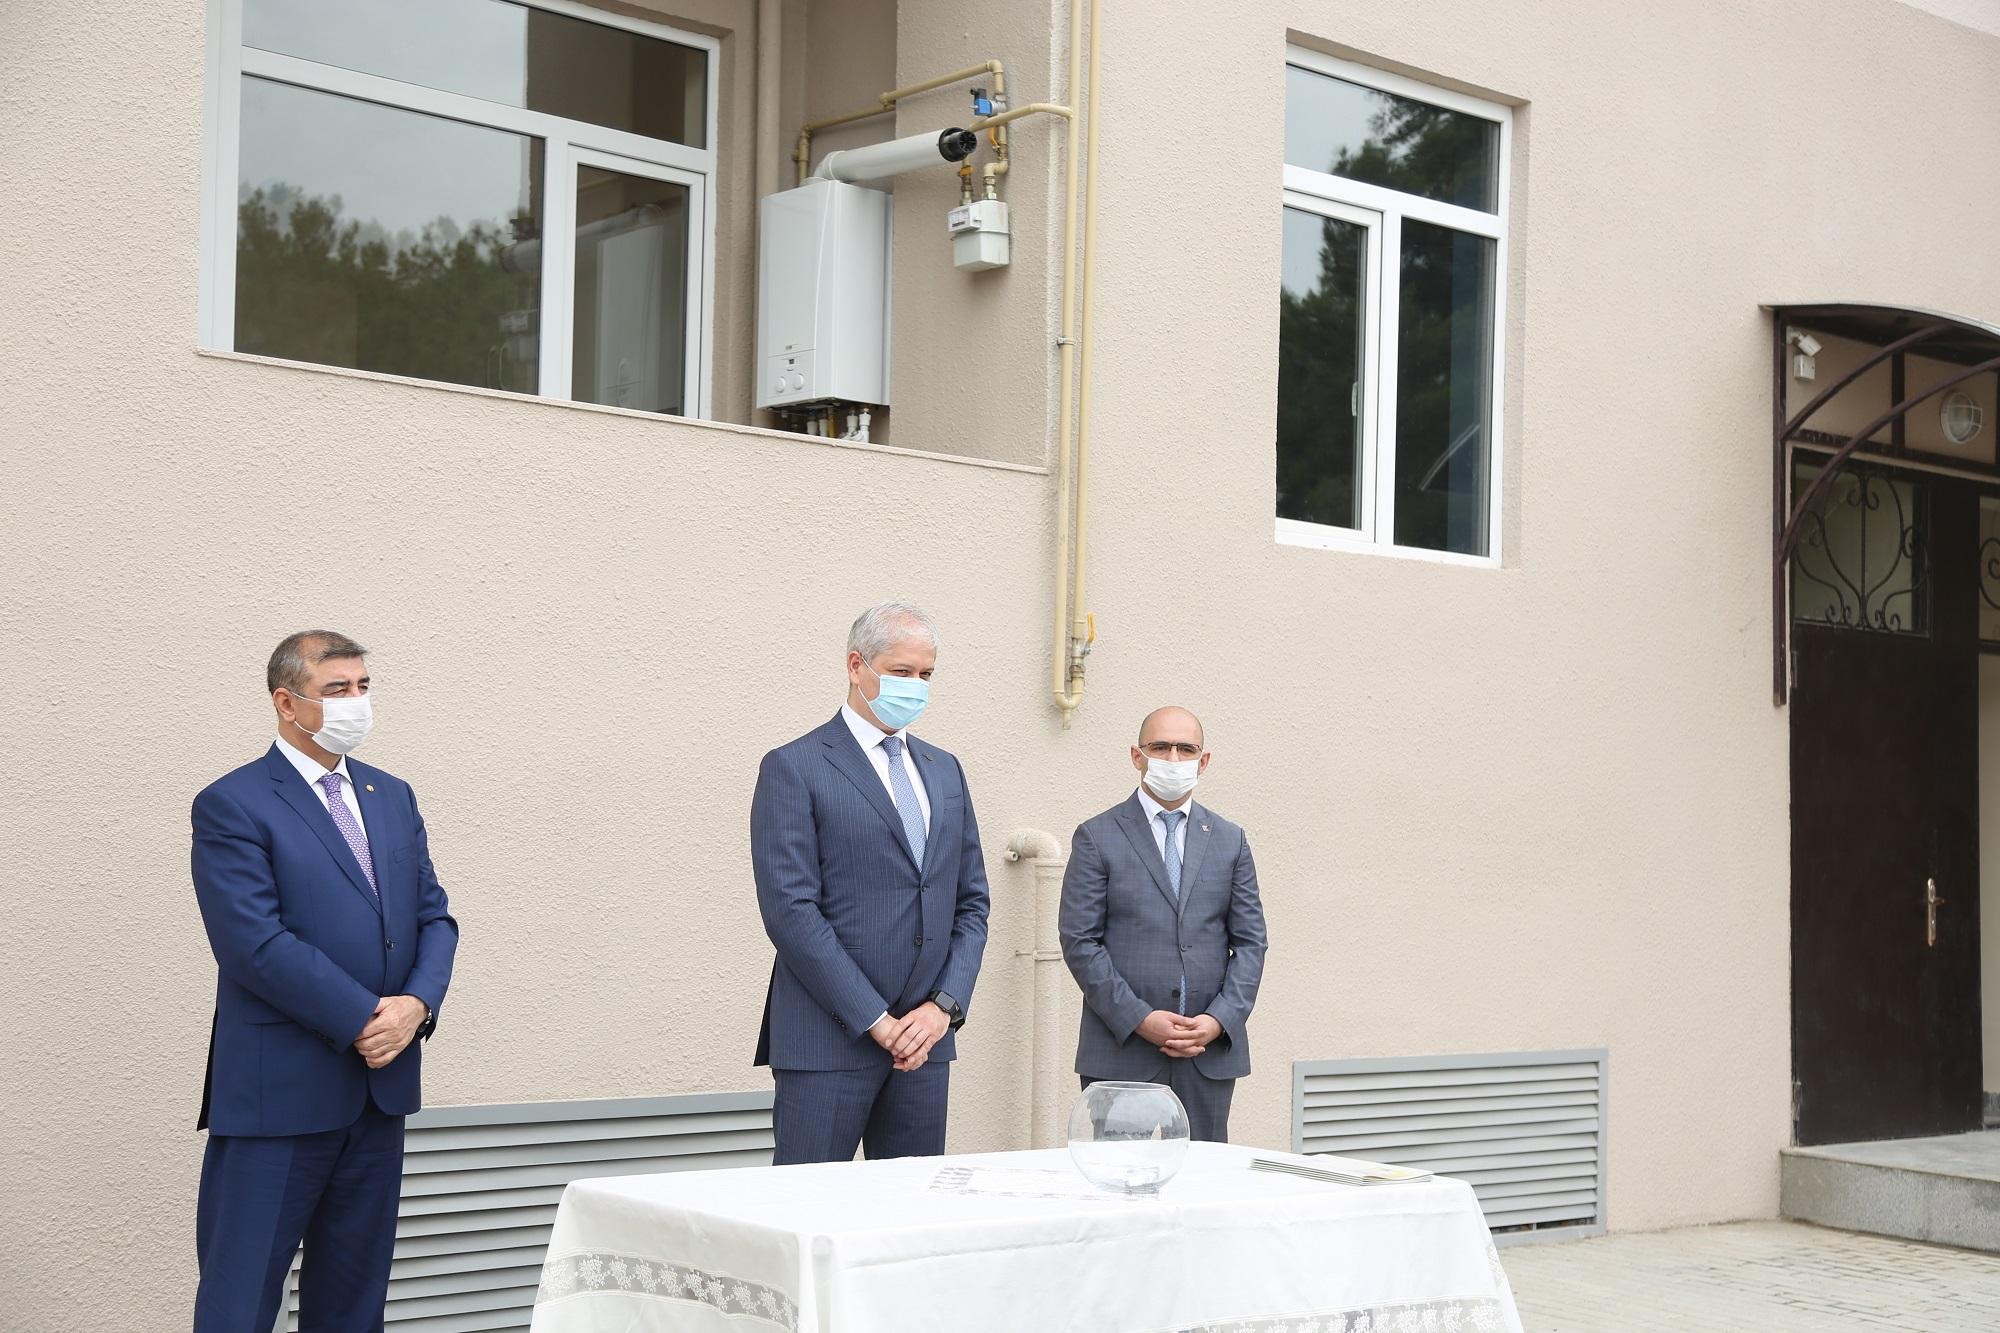 Kapital Bank-ın dəstəyi ilə Qarabağ əlillərinə və şəhid ailələrinə evlər təqdim edildi